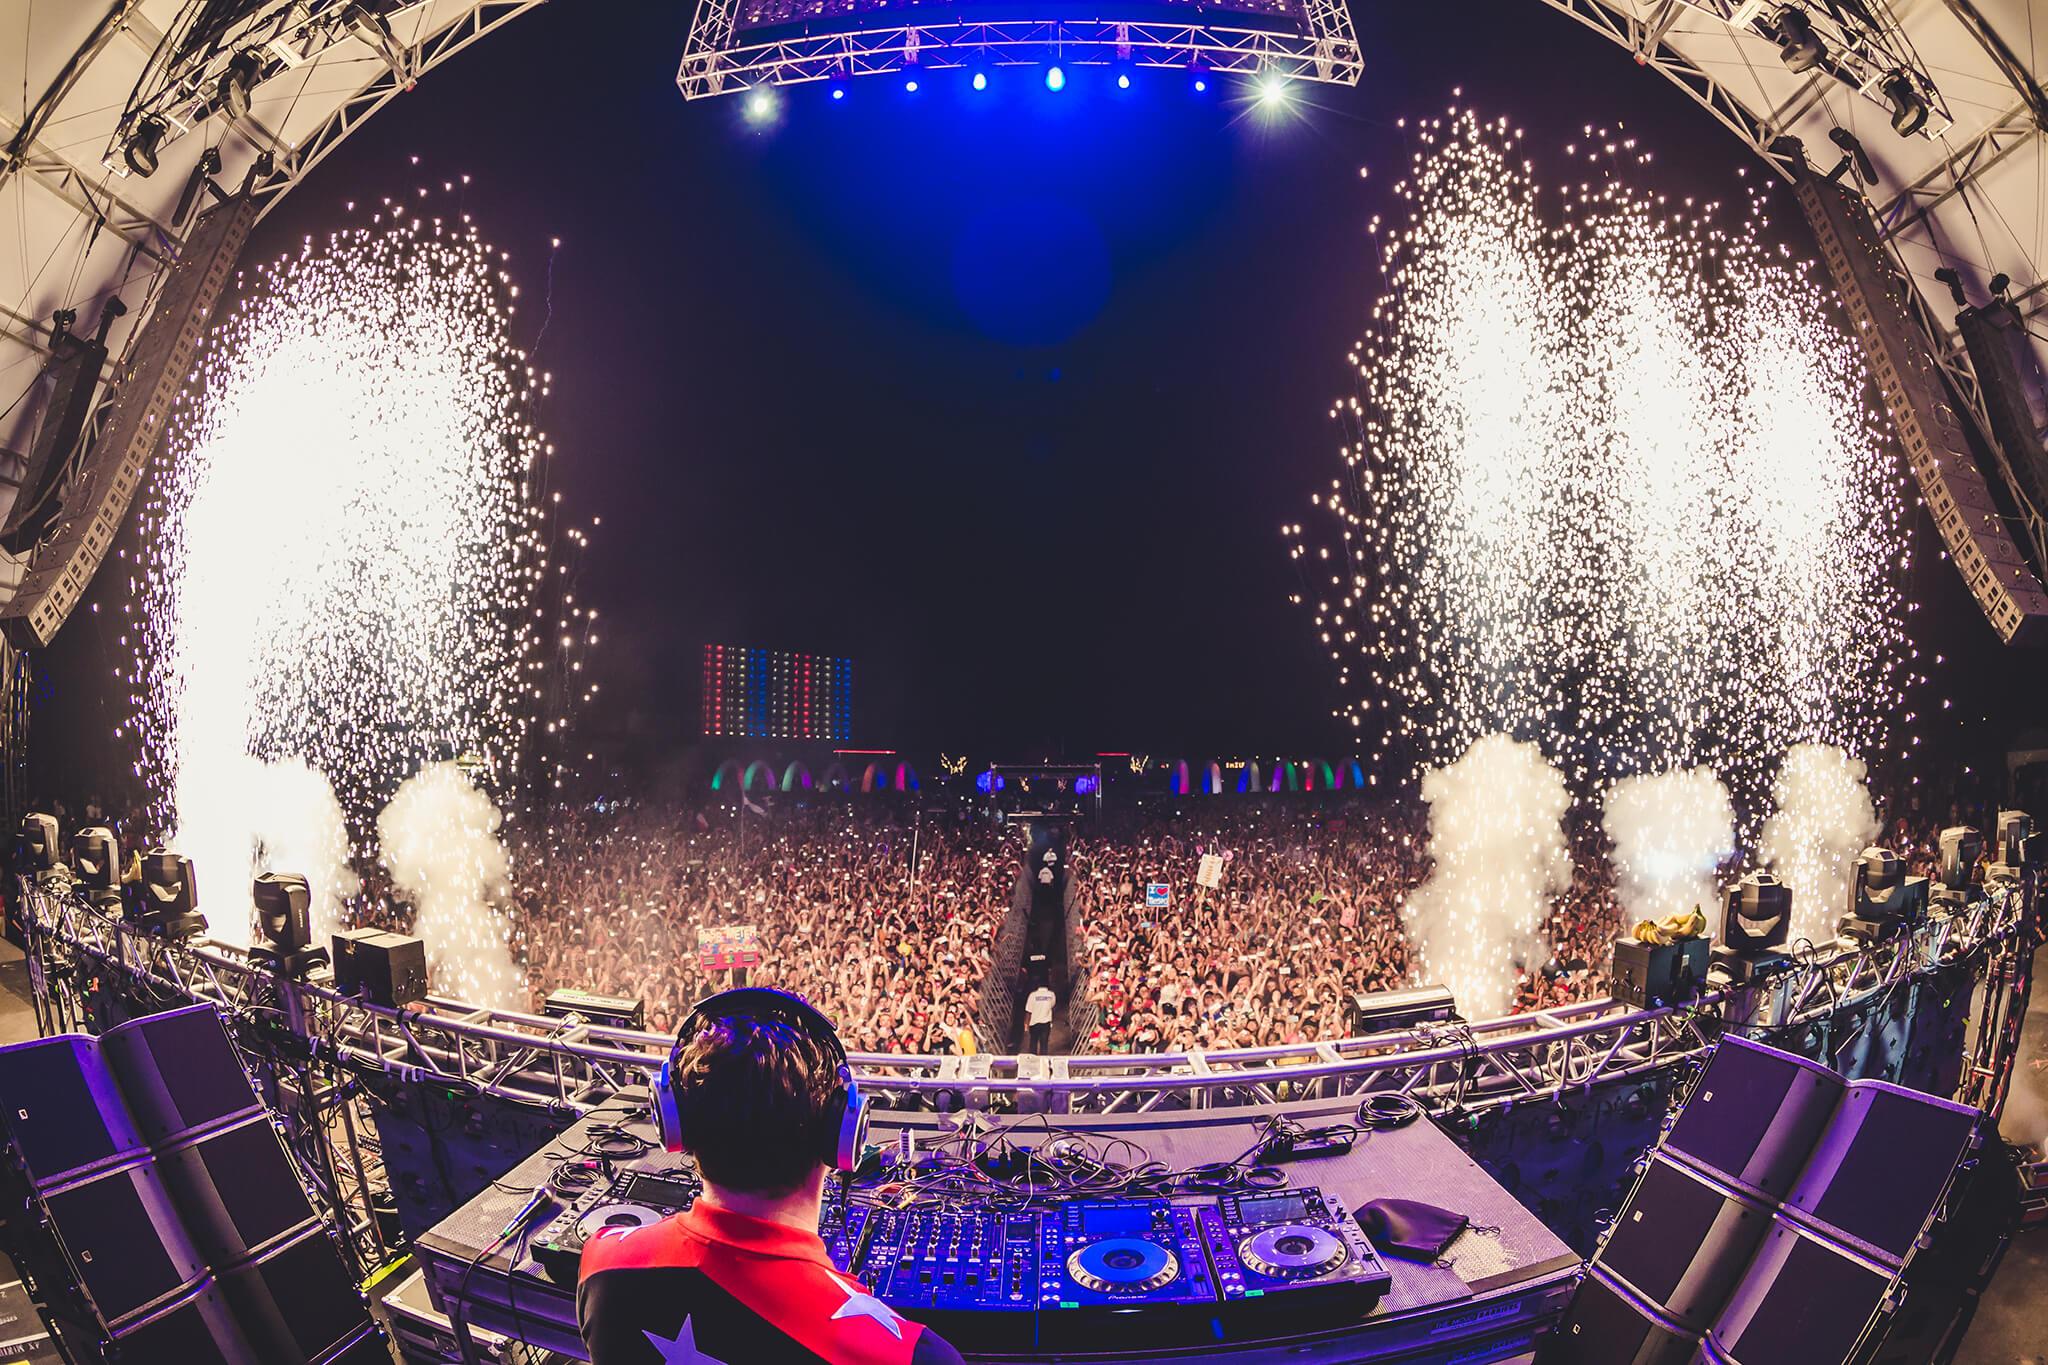 Tiesto performing at Something Wonderful 2016